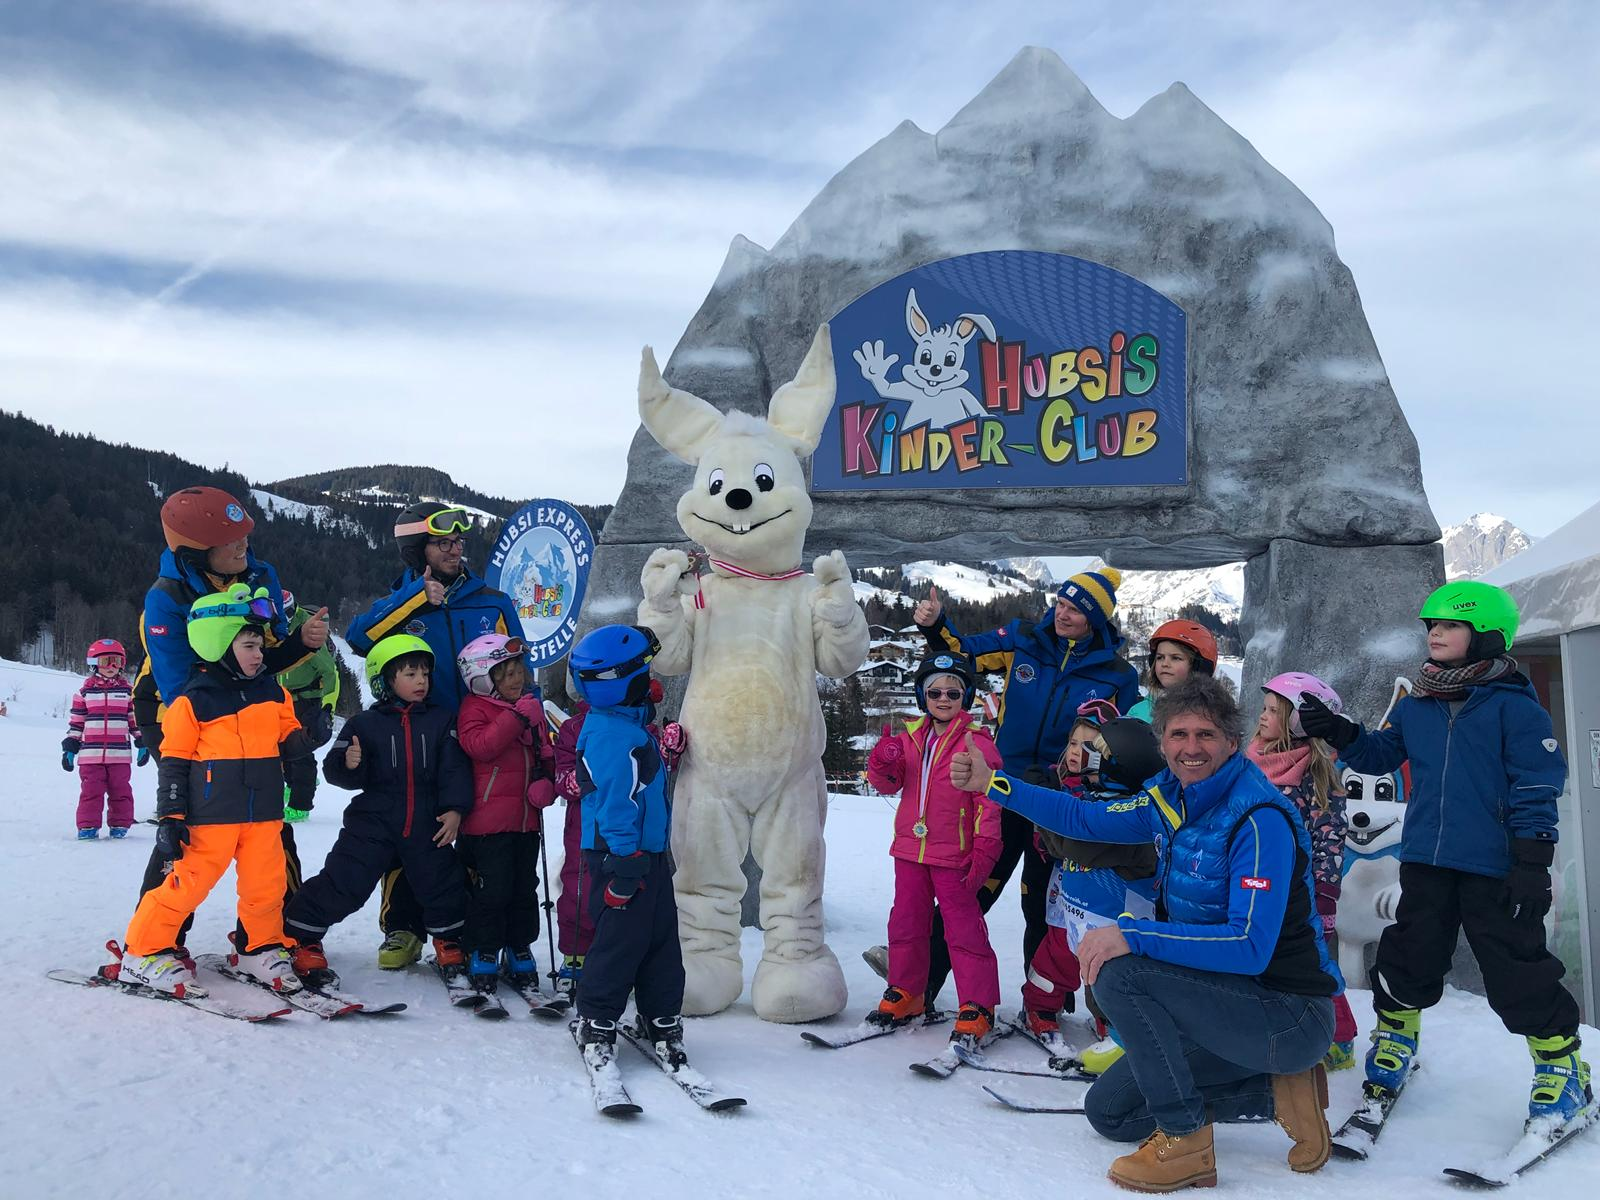 Weil Skifahren lernen auch Spaß machen soll, integriert Skischulleiter Joe Dagn seit vielen Jahren heimische Tier- und Märchenfiguren, ein Skikarussell, Zauberteppiche, ein beheiztes Kinder-Zelt u.v.m in den Kinder-Skischulunterricht.